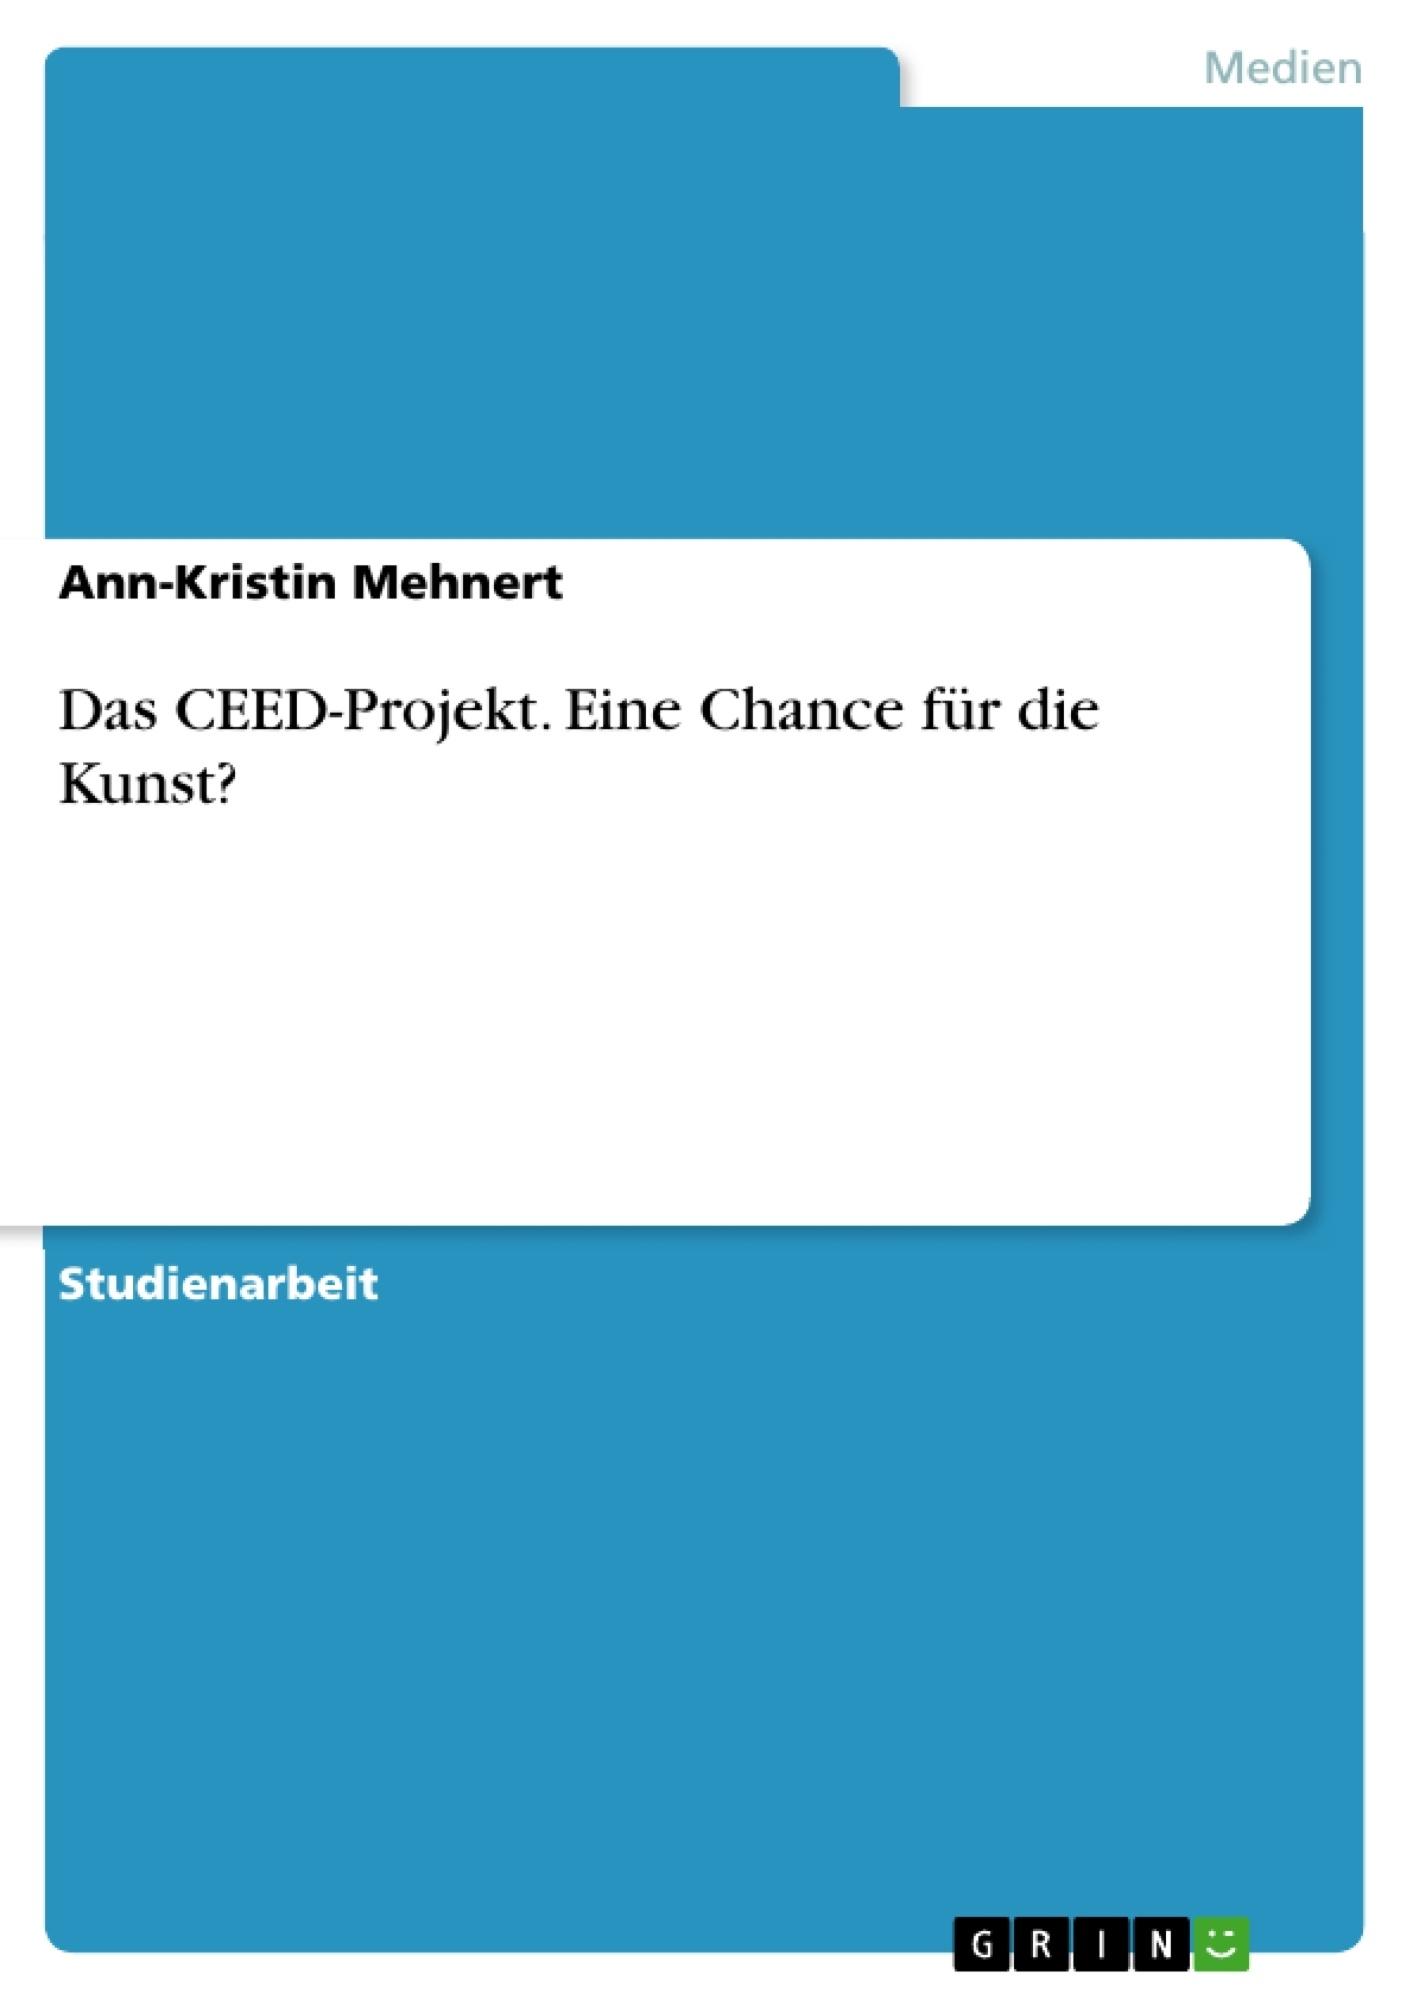 Titel: Das CEED-Projekt. Eine Chance für die Kunst?